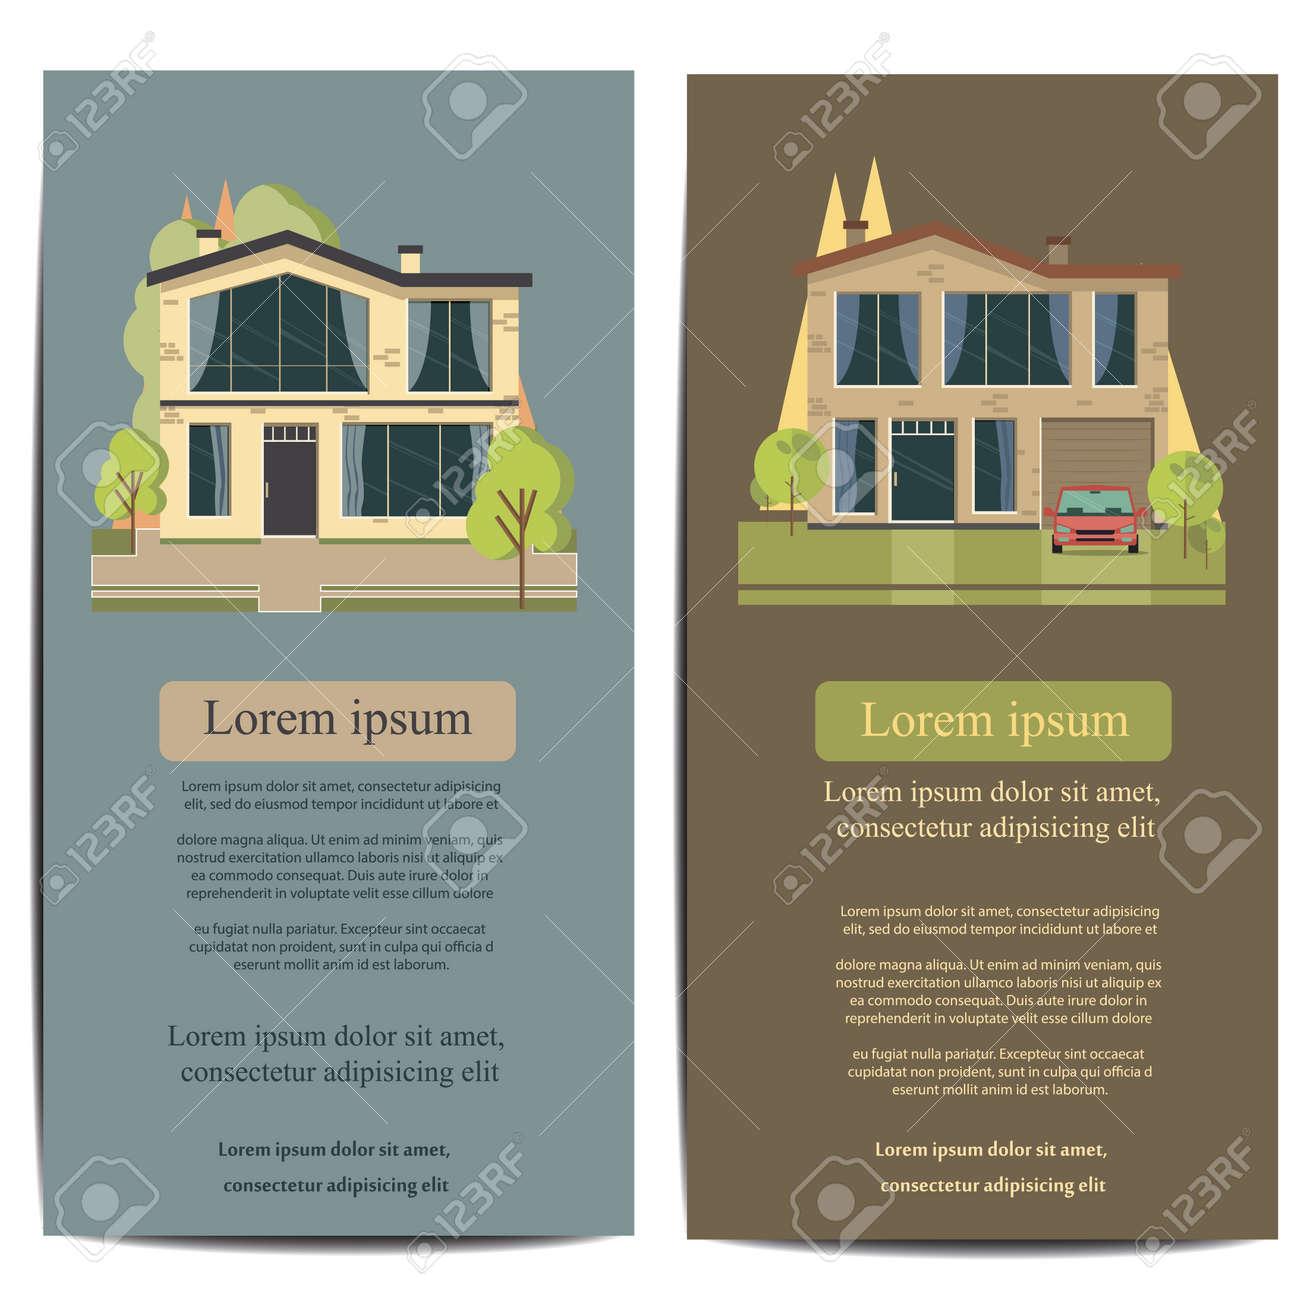 Wunderbar Schönes Haus Und Wohnung Banner Auf Der Natur Hintergrund. Traditionelle  Und Moderne Haus. Flache